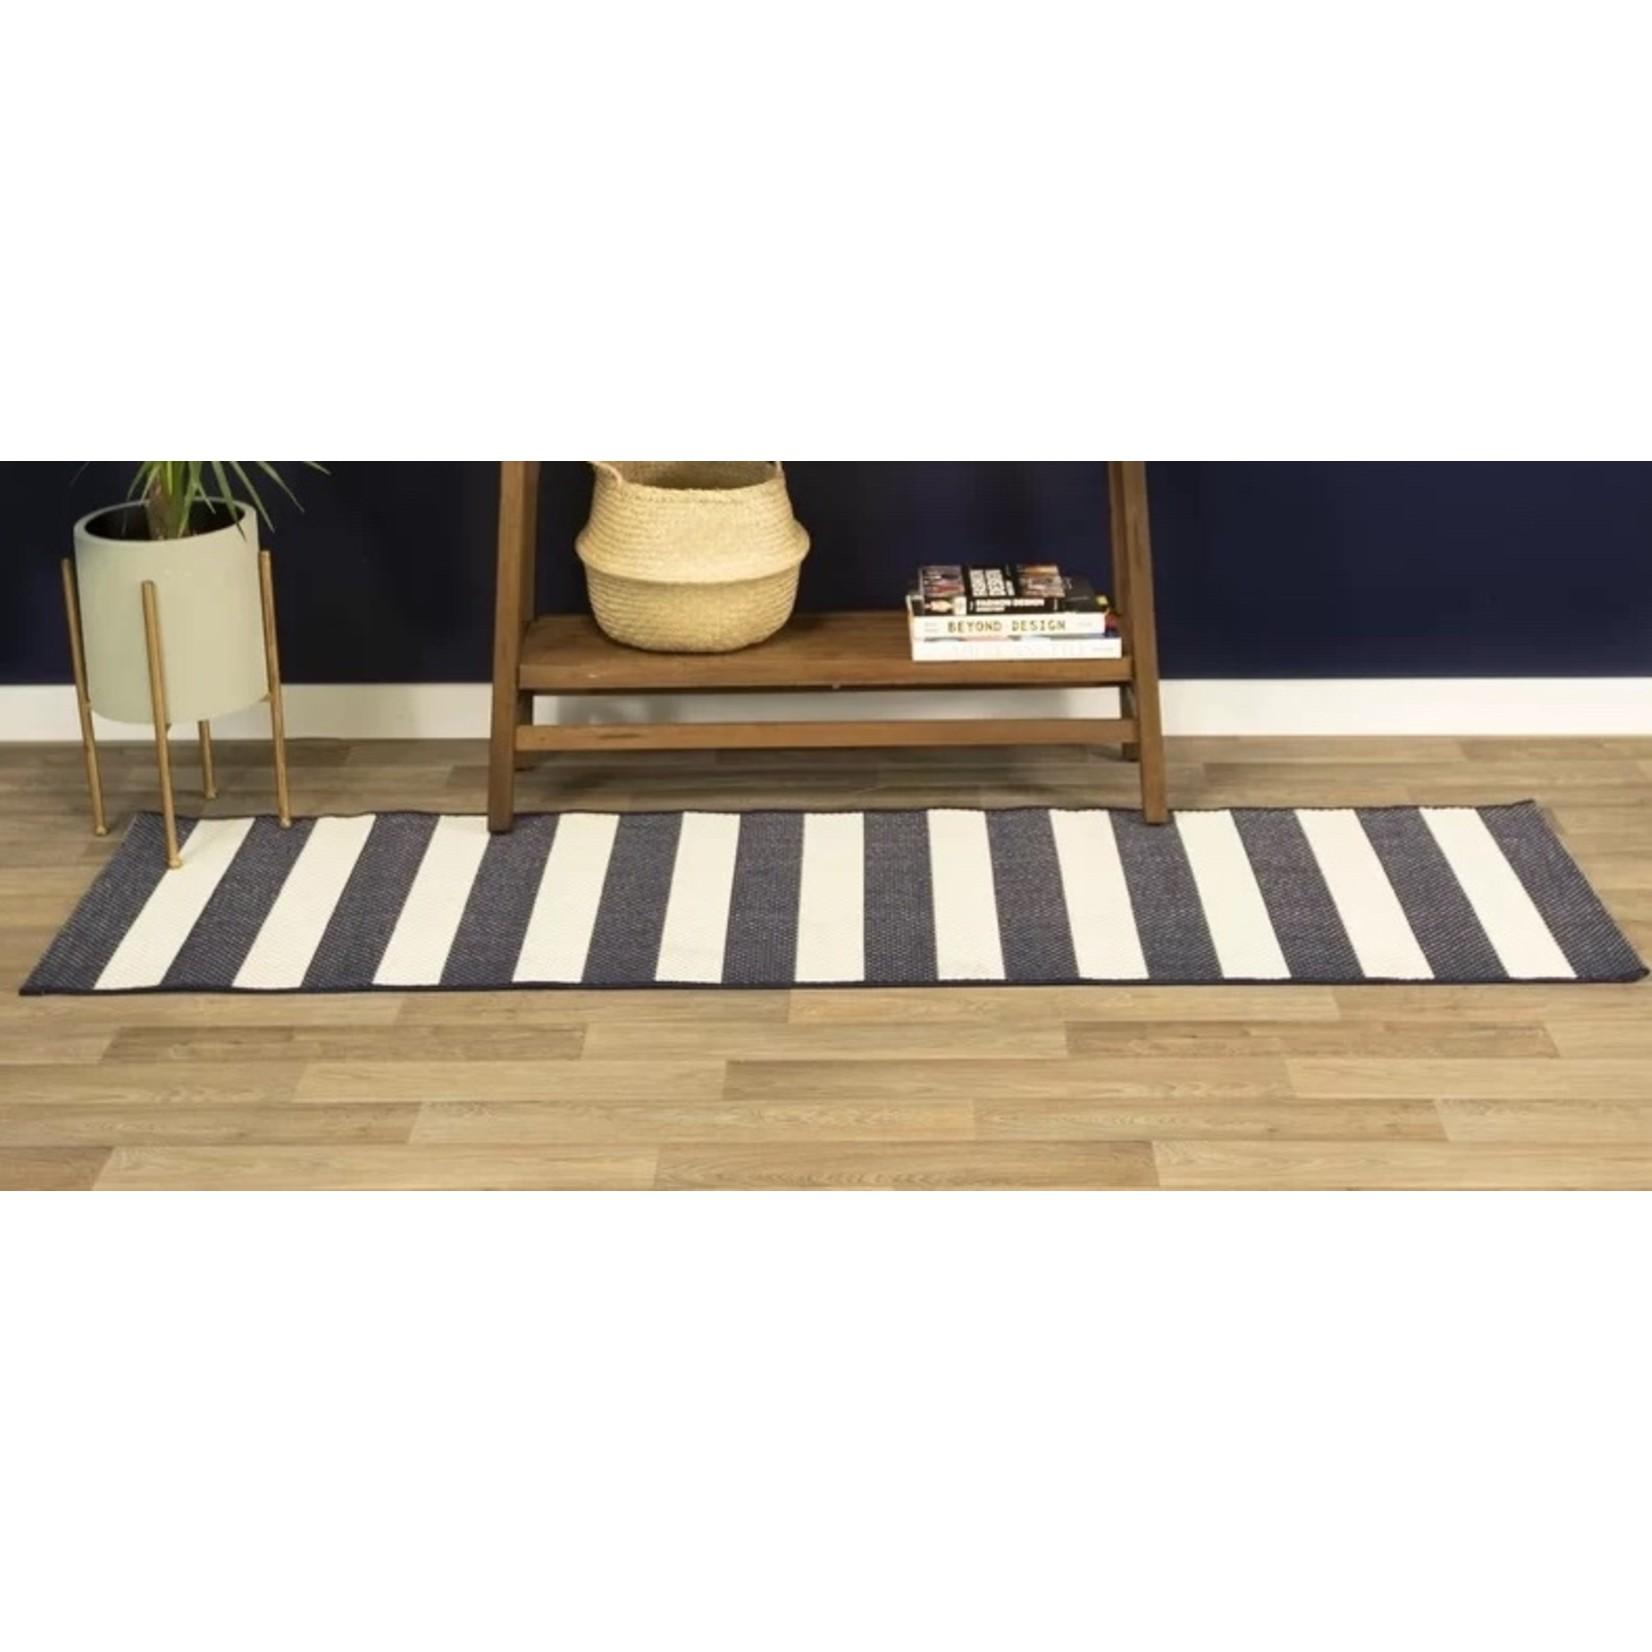 *1'6 x 6'9 - Perine Navy Blue Striped Indoor/Outdoor